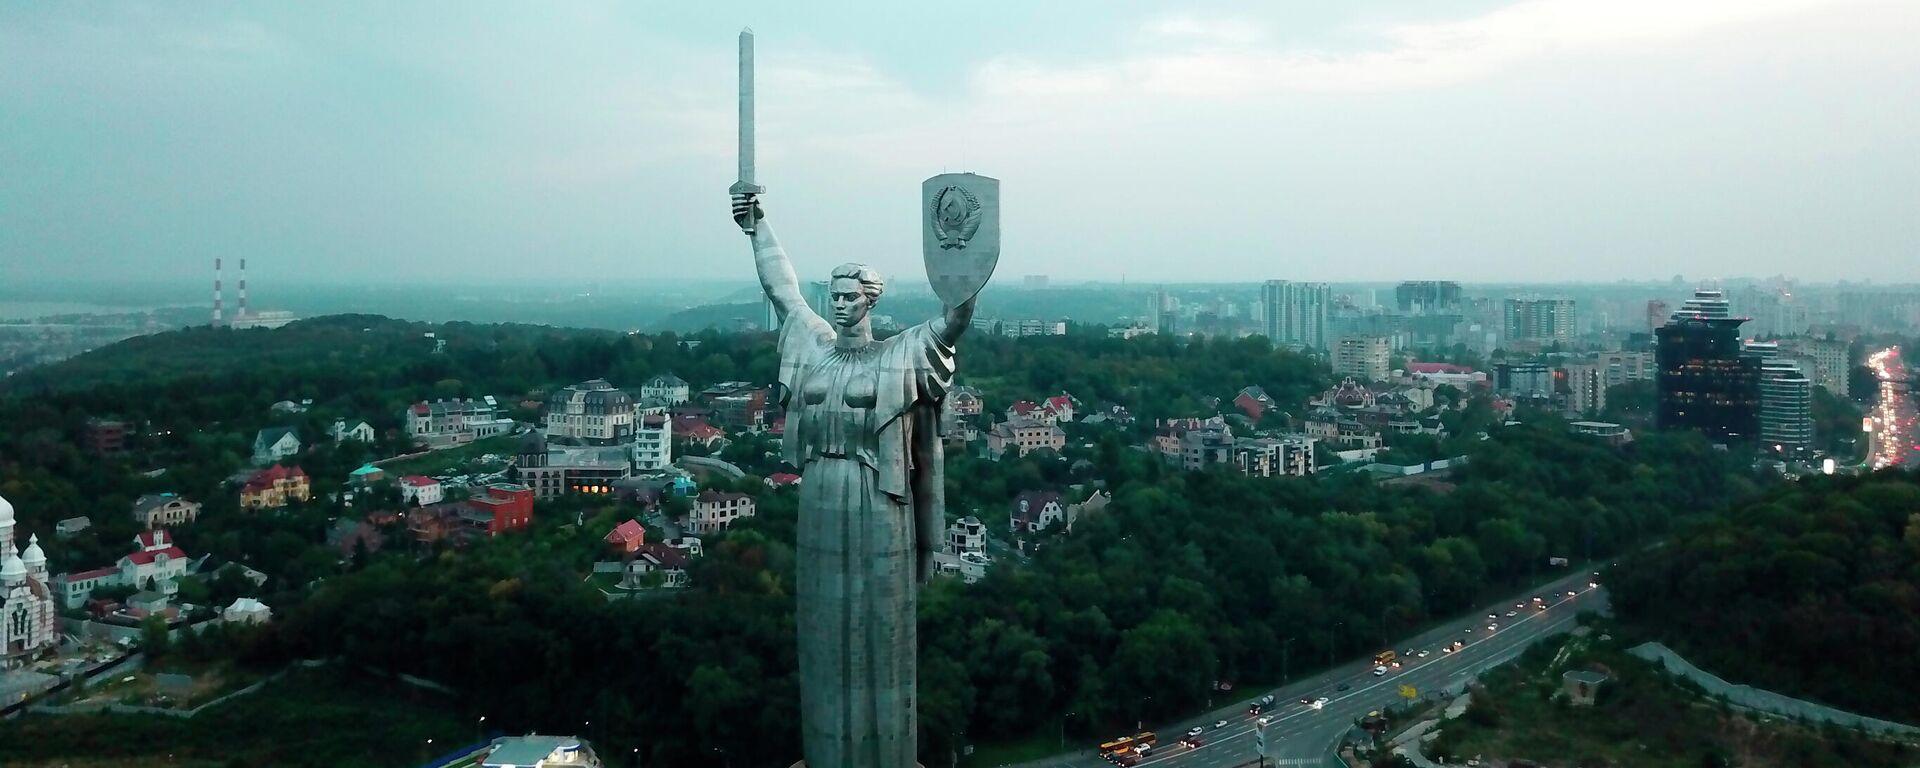 Монумент Родина-мать в Киеве - Sputnik Узбекистан, 1920, 30.09.2021